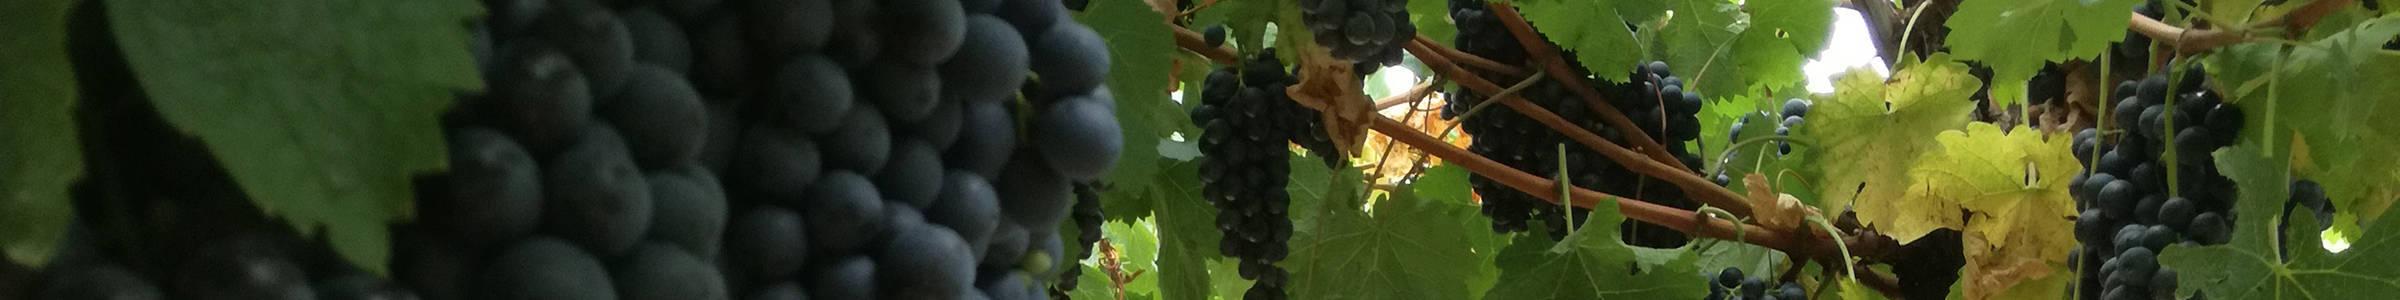 Le uve delle nostre viti